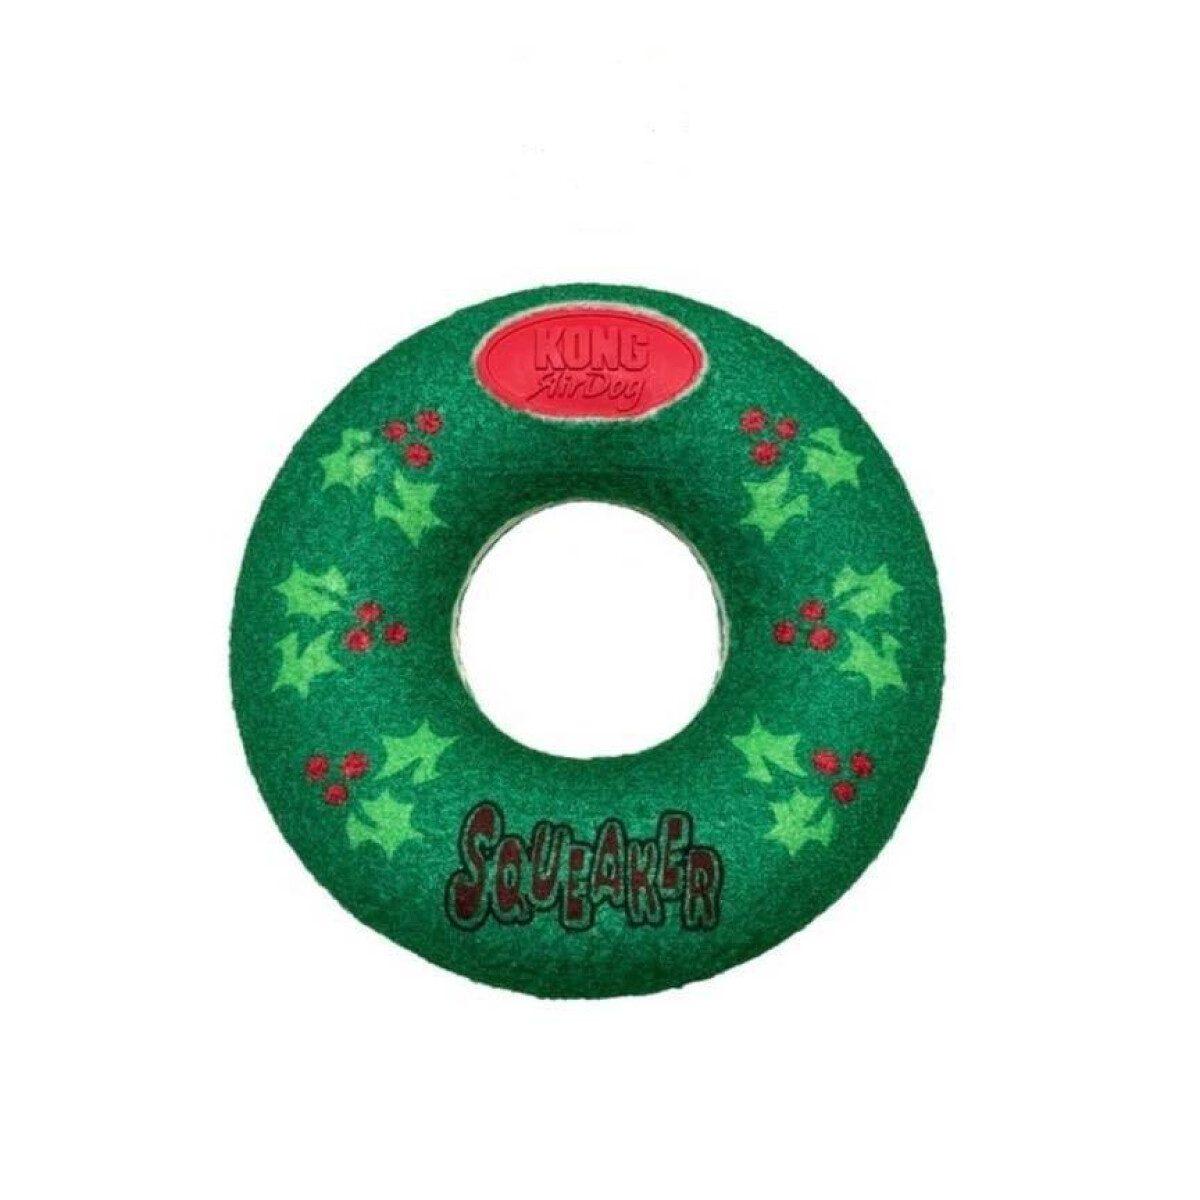 Kong božićna Air Dog krafna M